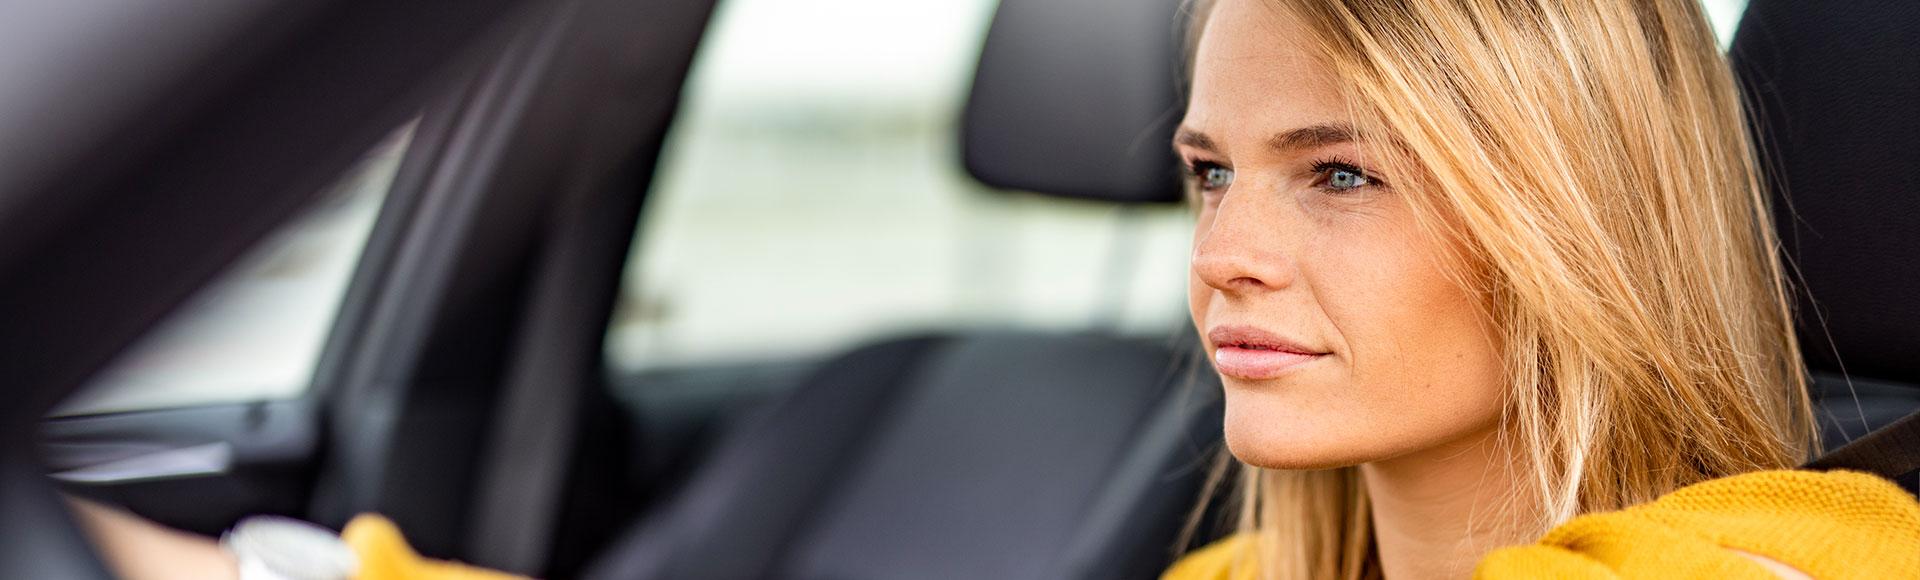 Auto Kaufen Autokauf Checkliste Axa